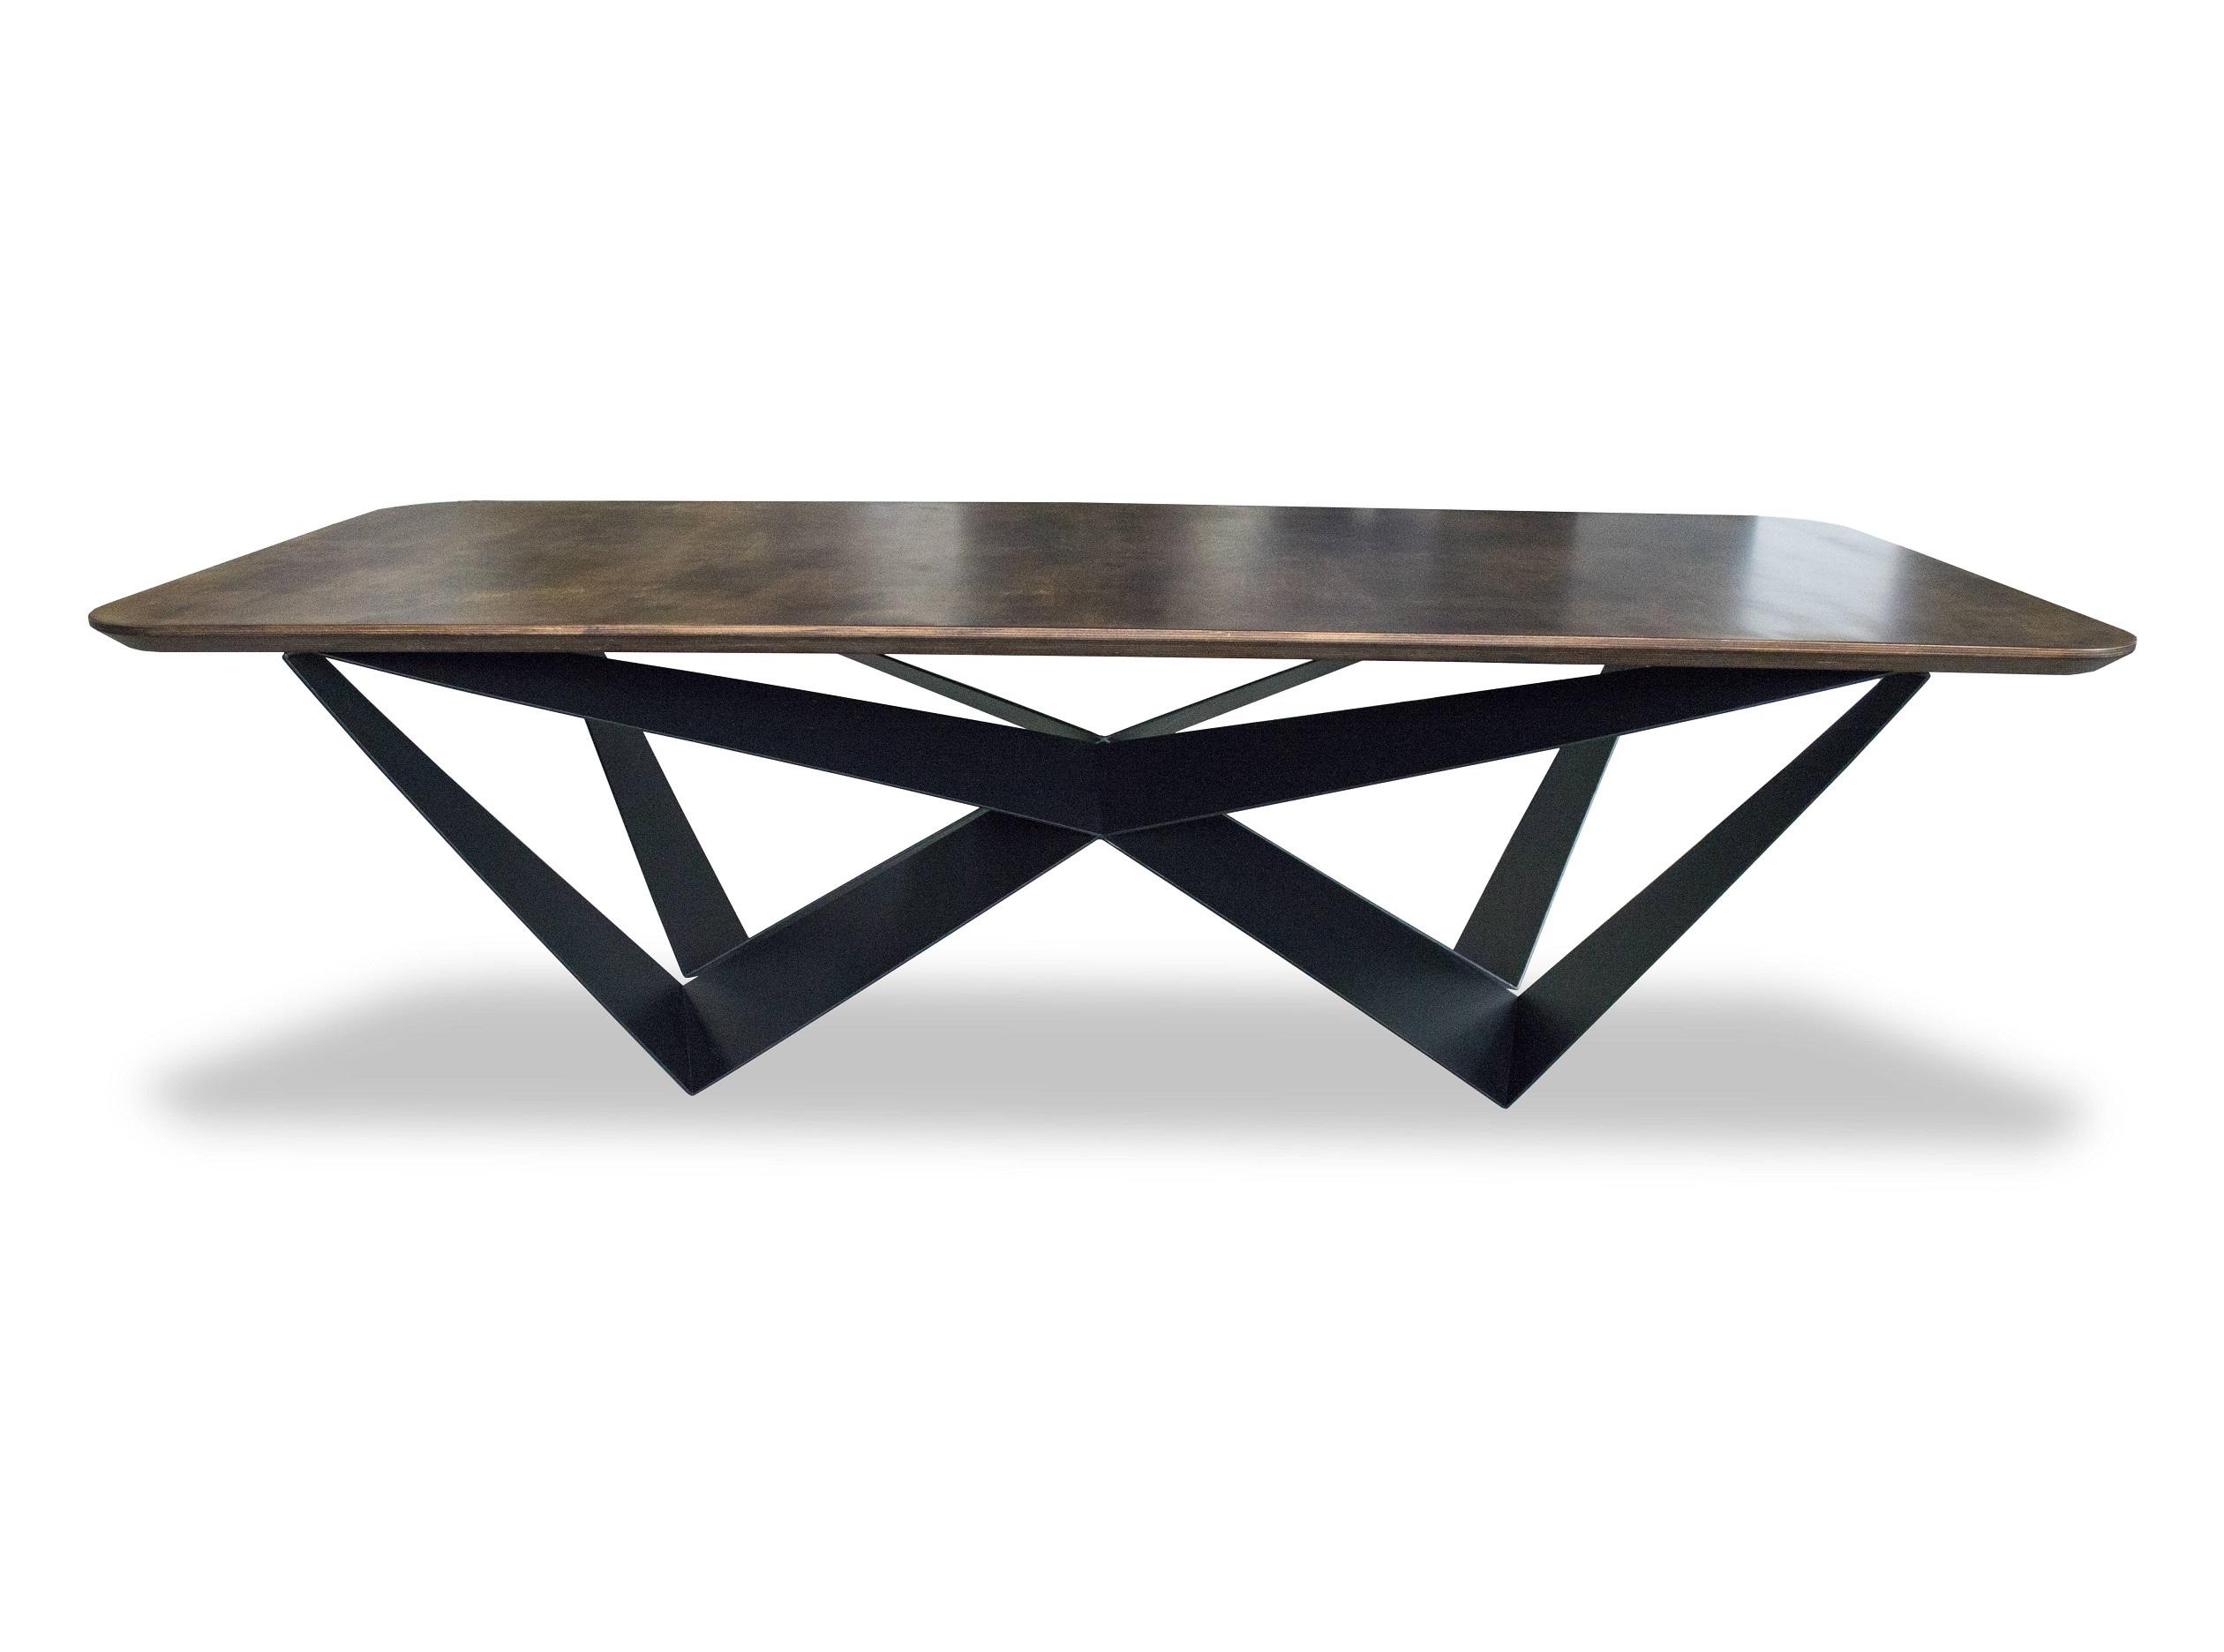 Стол ВutterflyОбеденные столы<br>Столешница покрыта берёзовым шпоном. Такой природный материал поразит глубиной своего рисунка и поможет отобразить истинный характер помещения, выполненного в направлении Loft.<br>Специфичные опоры стола изготовлены из цельного металлического листа.Варианты расцветок: венге, белый<br><br>kit: None<br>gender: None